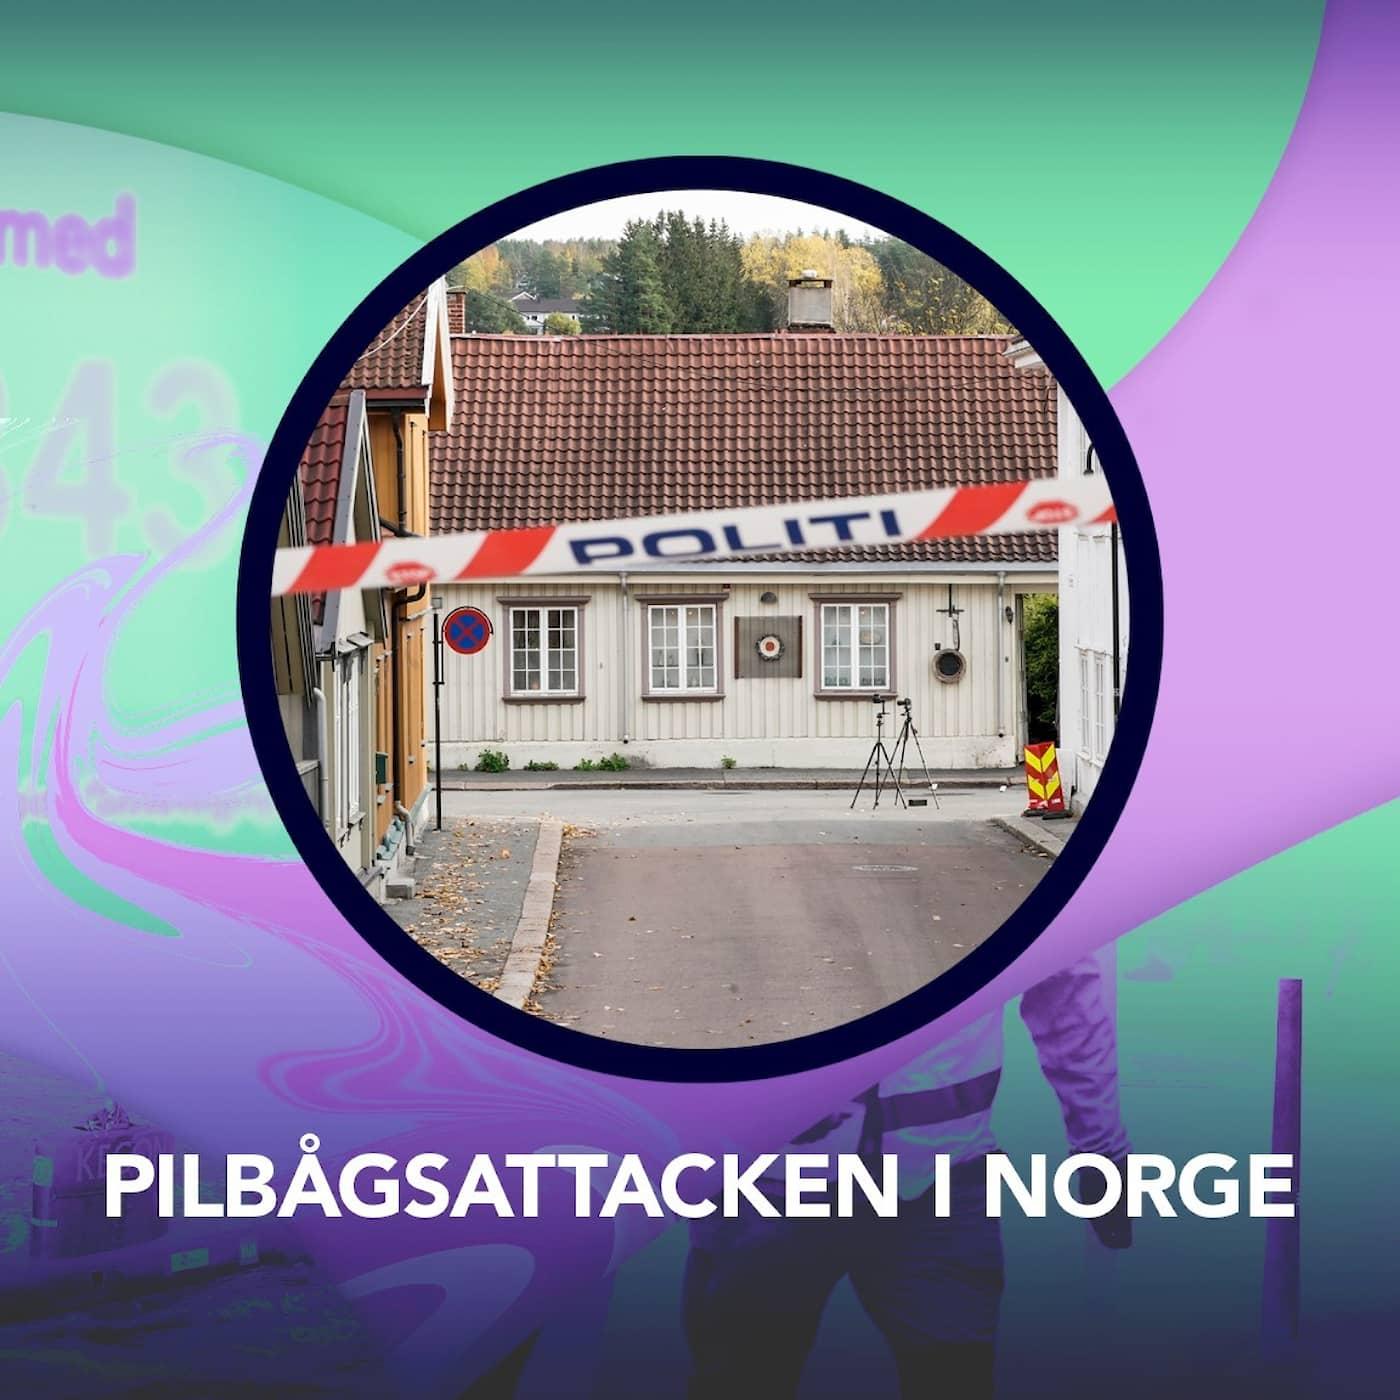 Pilbågsattacken i Norge - P3 Nyheter dokumentär